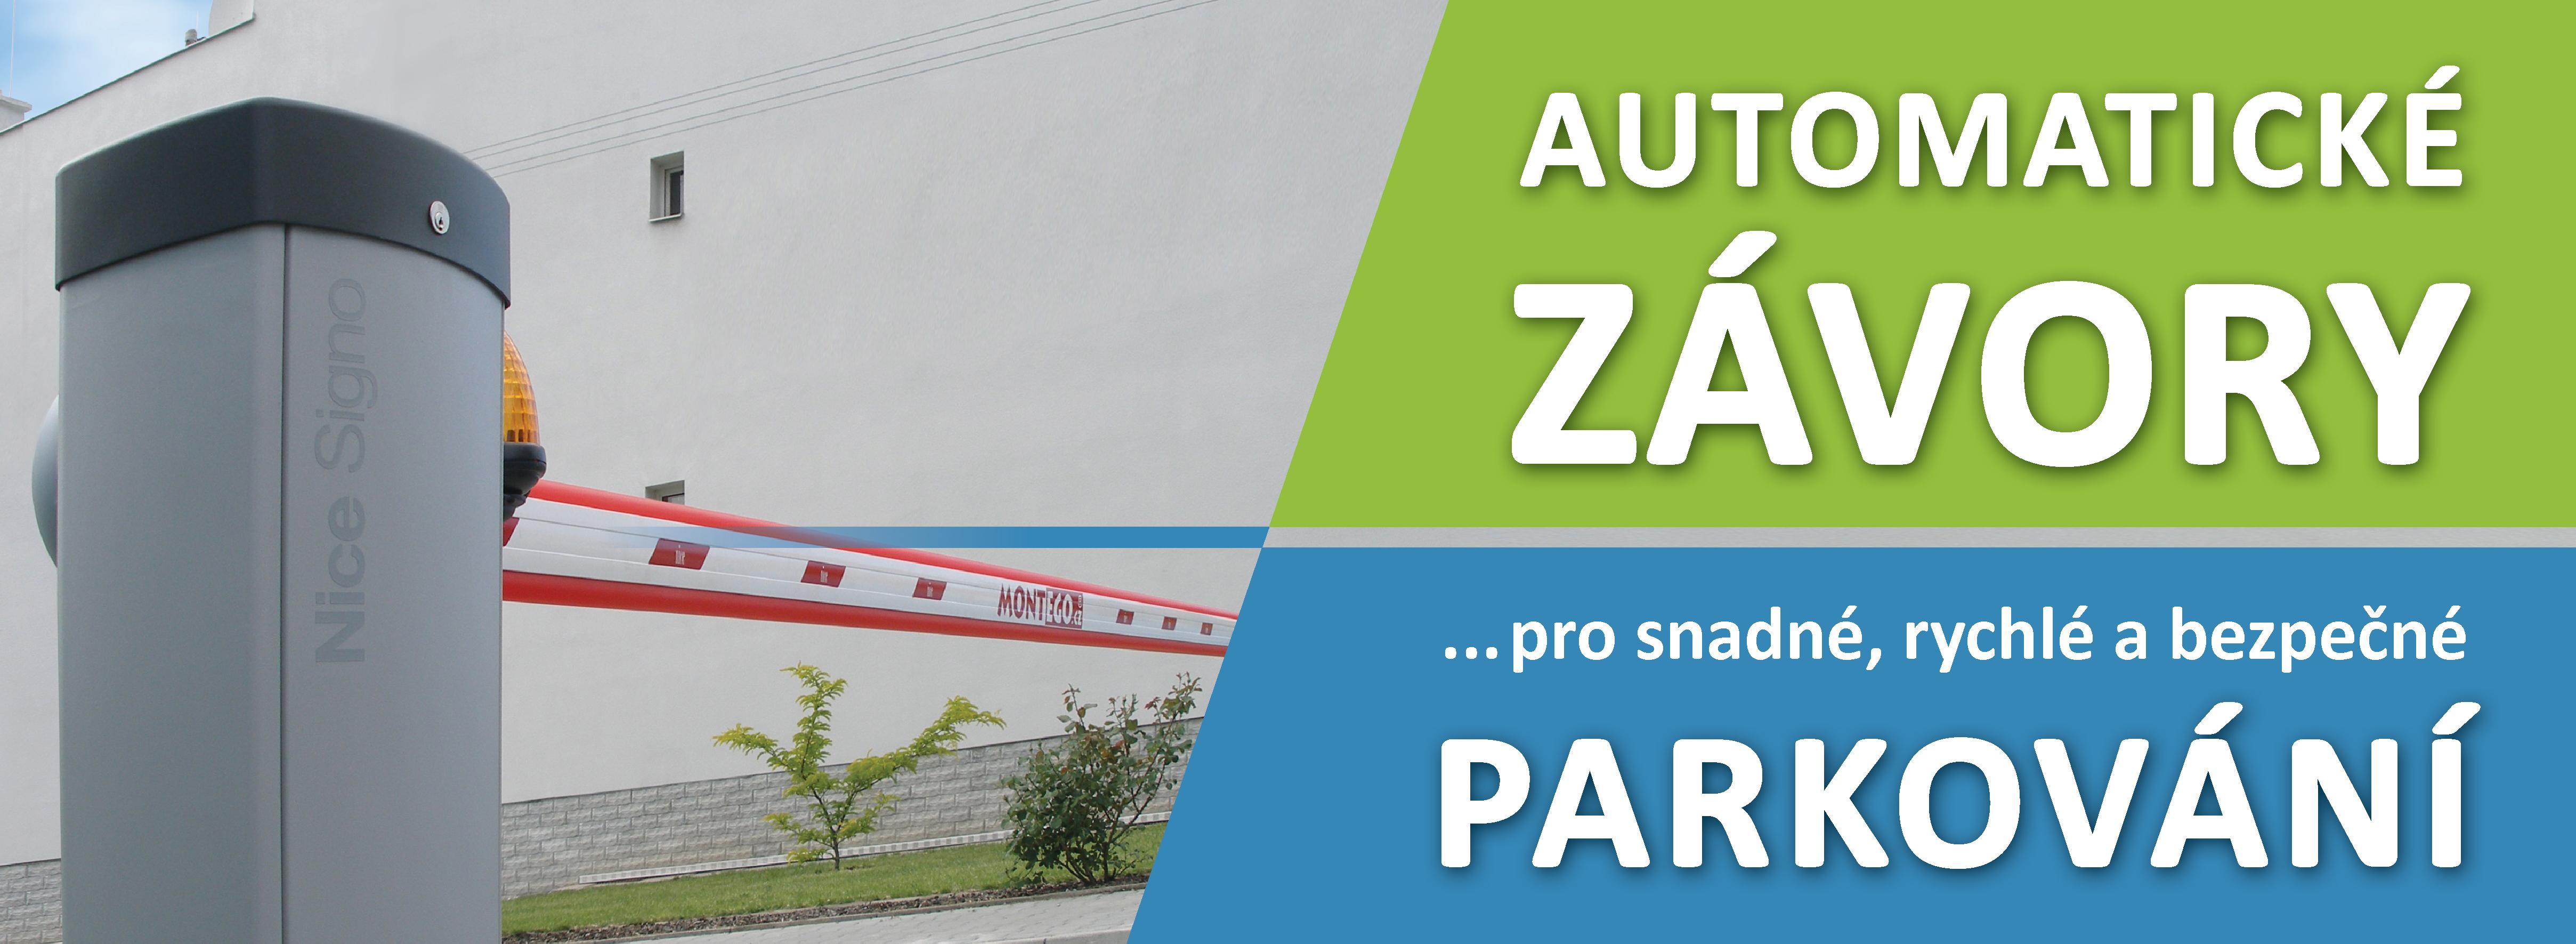 1pohony.cz - automatické závory